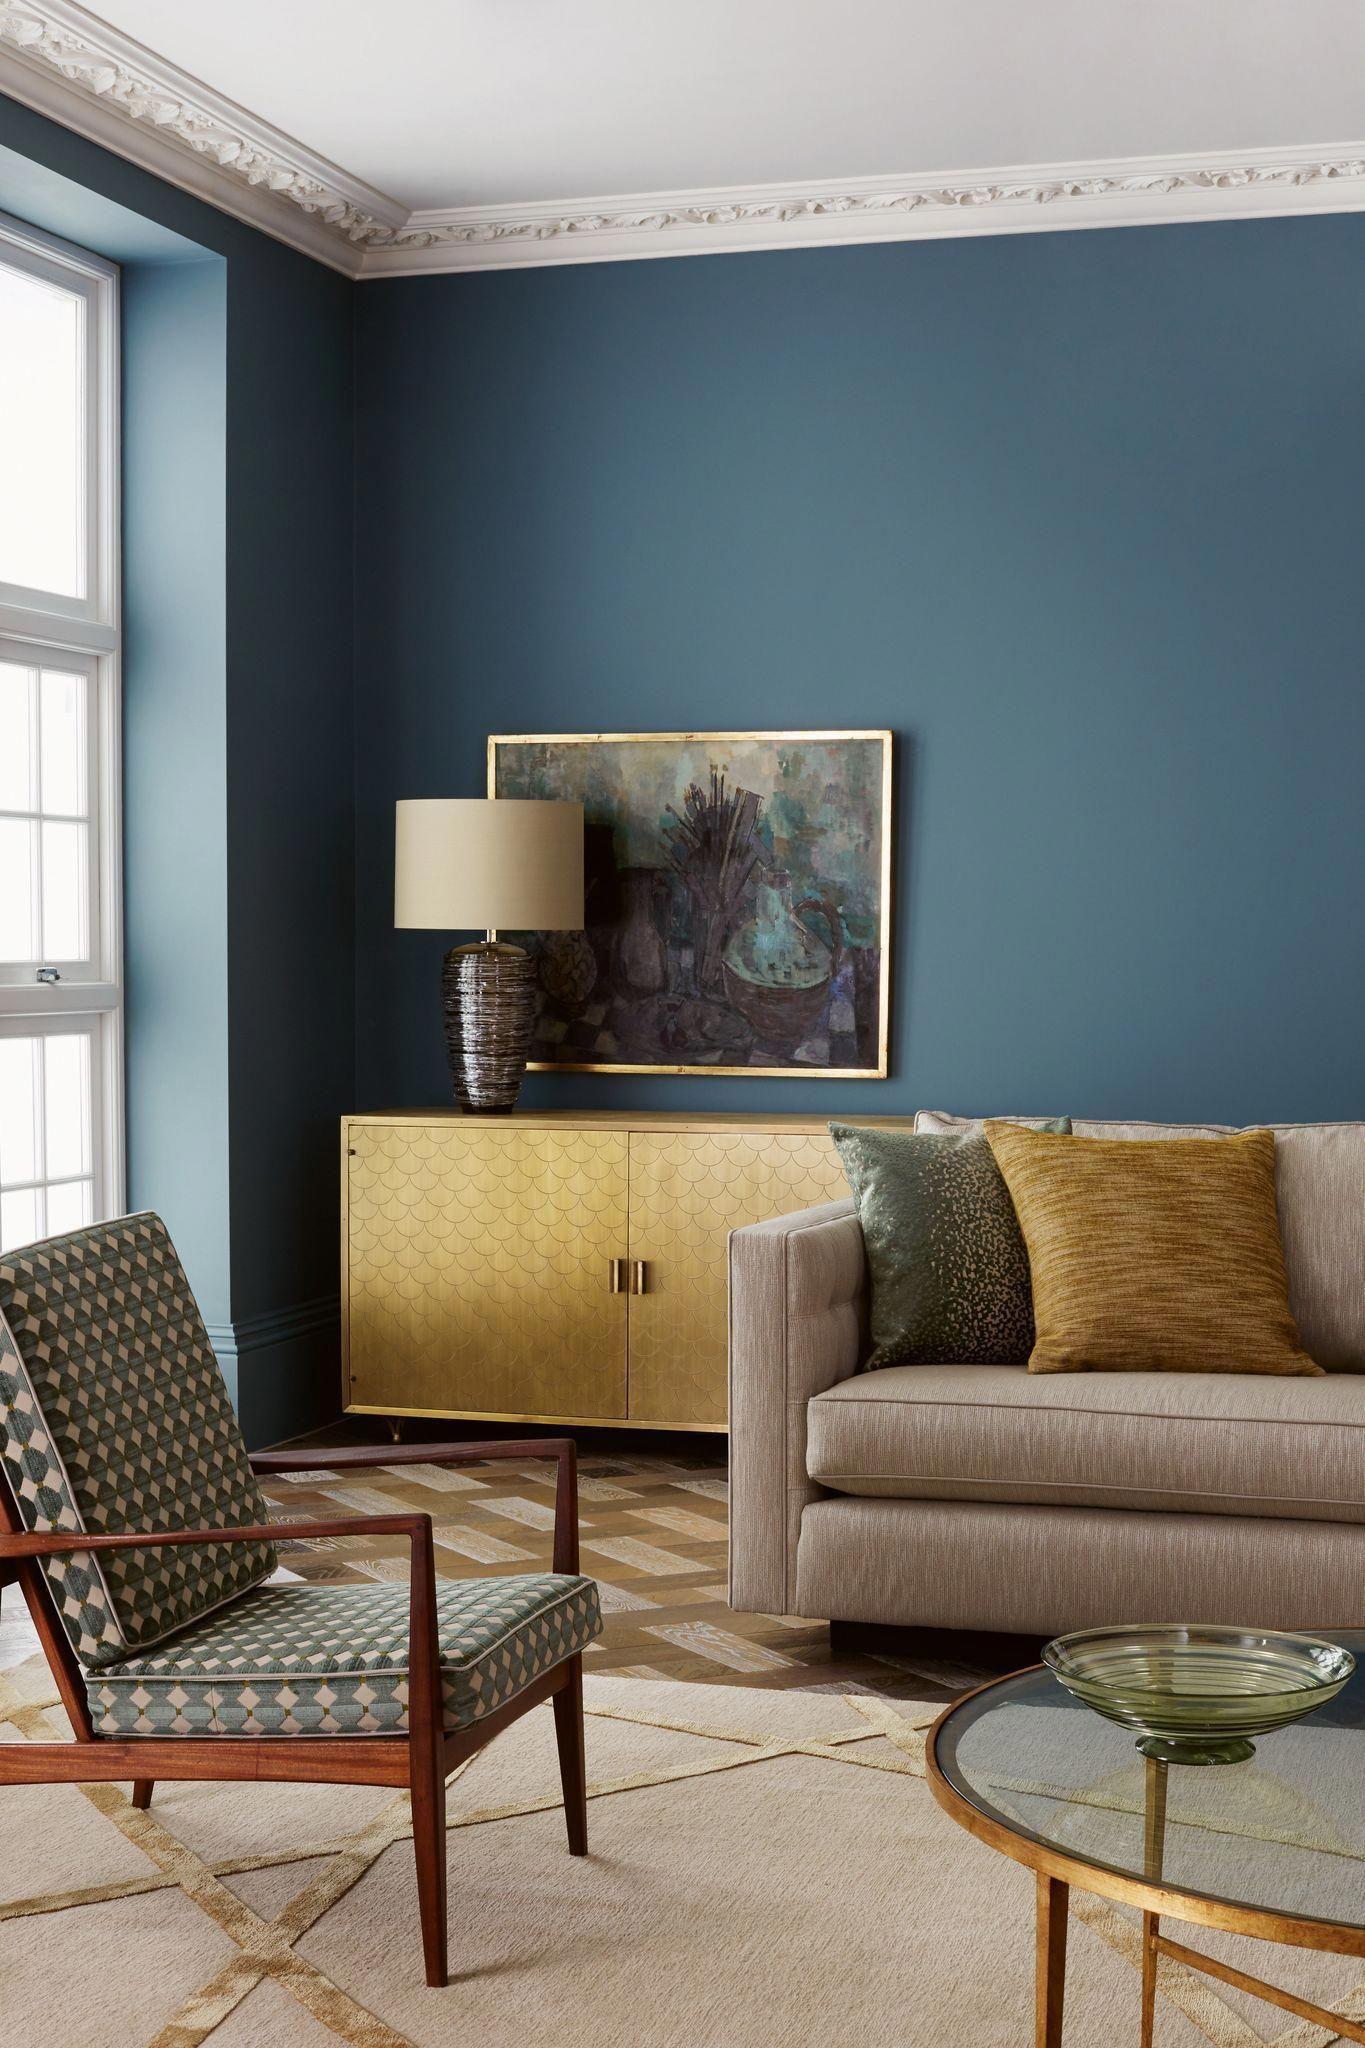 Plus de 10 couleurs pour repeindre votre salon #DécorationCadre